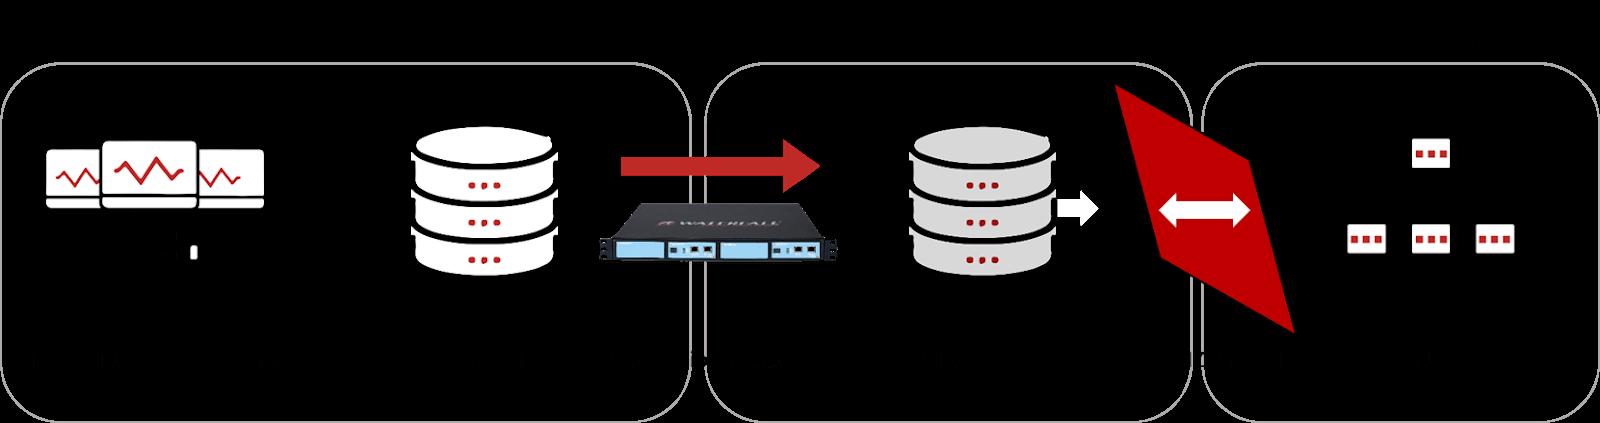 Schema raffigurante una connessione tra i sistemi aziendali IT, l'area OT e la zona demilitarizzata industriale o IDMZ